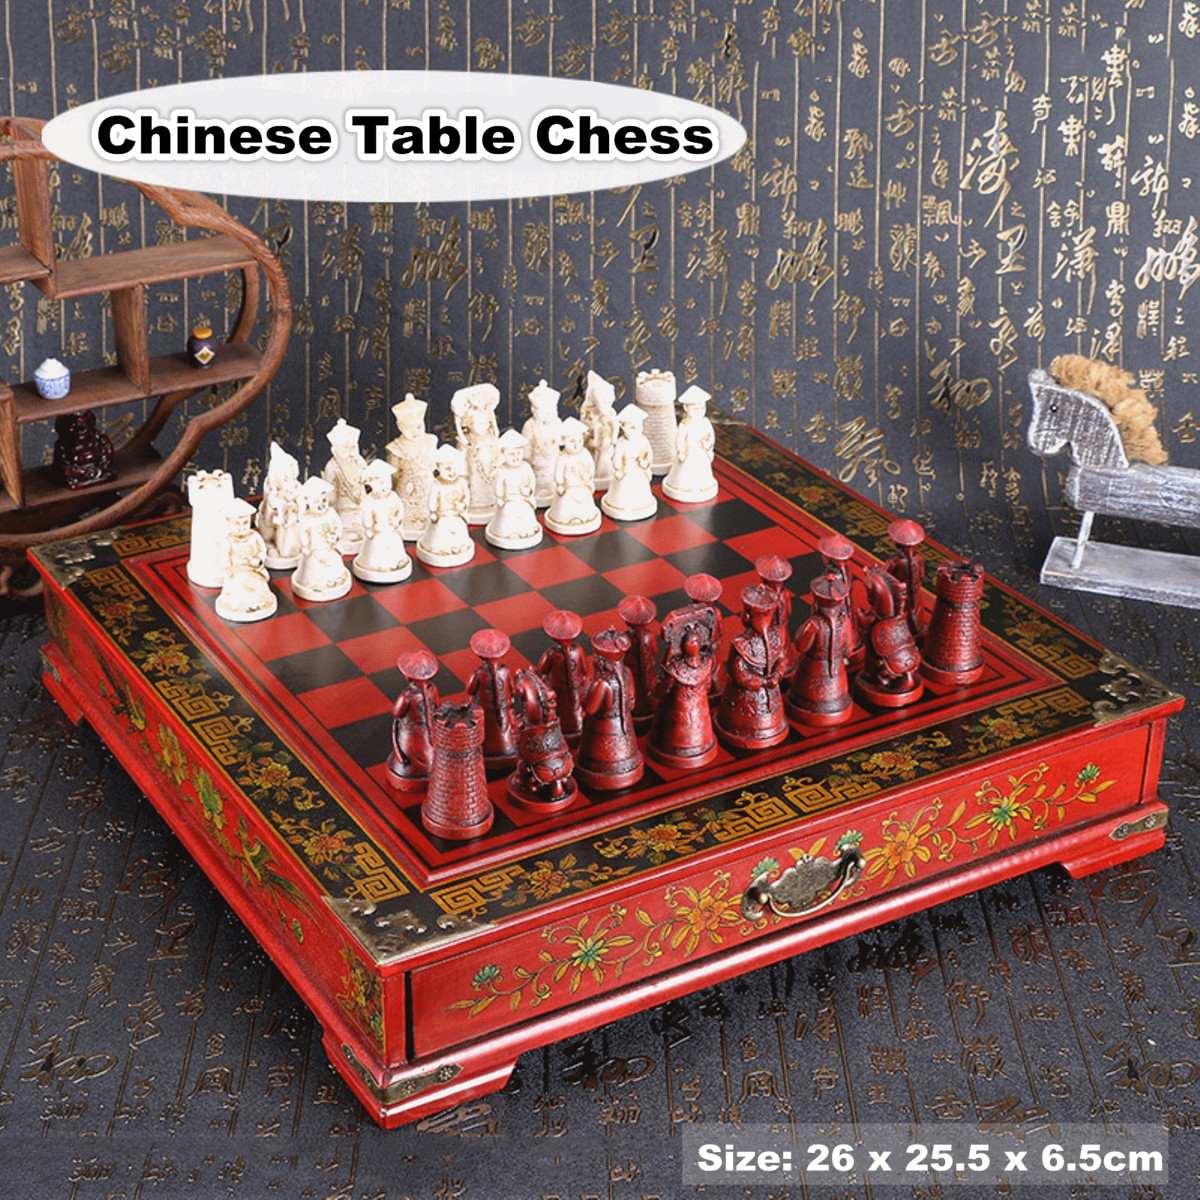 €23.85 10% de DESCUENTO|32 unids/set de Ajedrez de madera chino Retro de terracota Chessman ajedrez madera años tallado resina Chessman regalo de Navidad de cumpleaños|Juegos de ajedrez| | - AliExpress